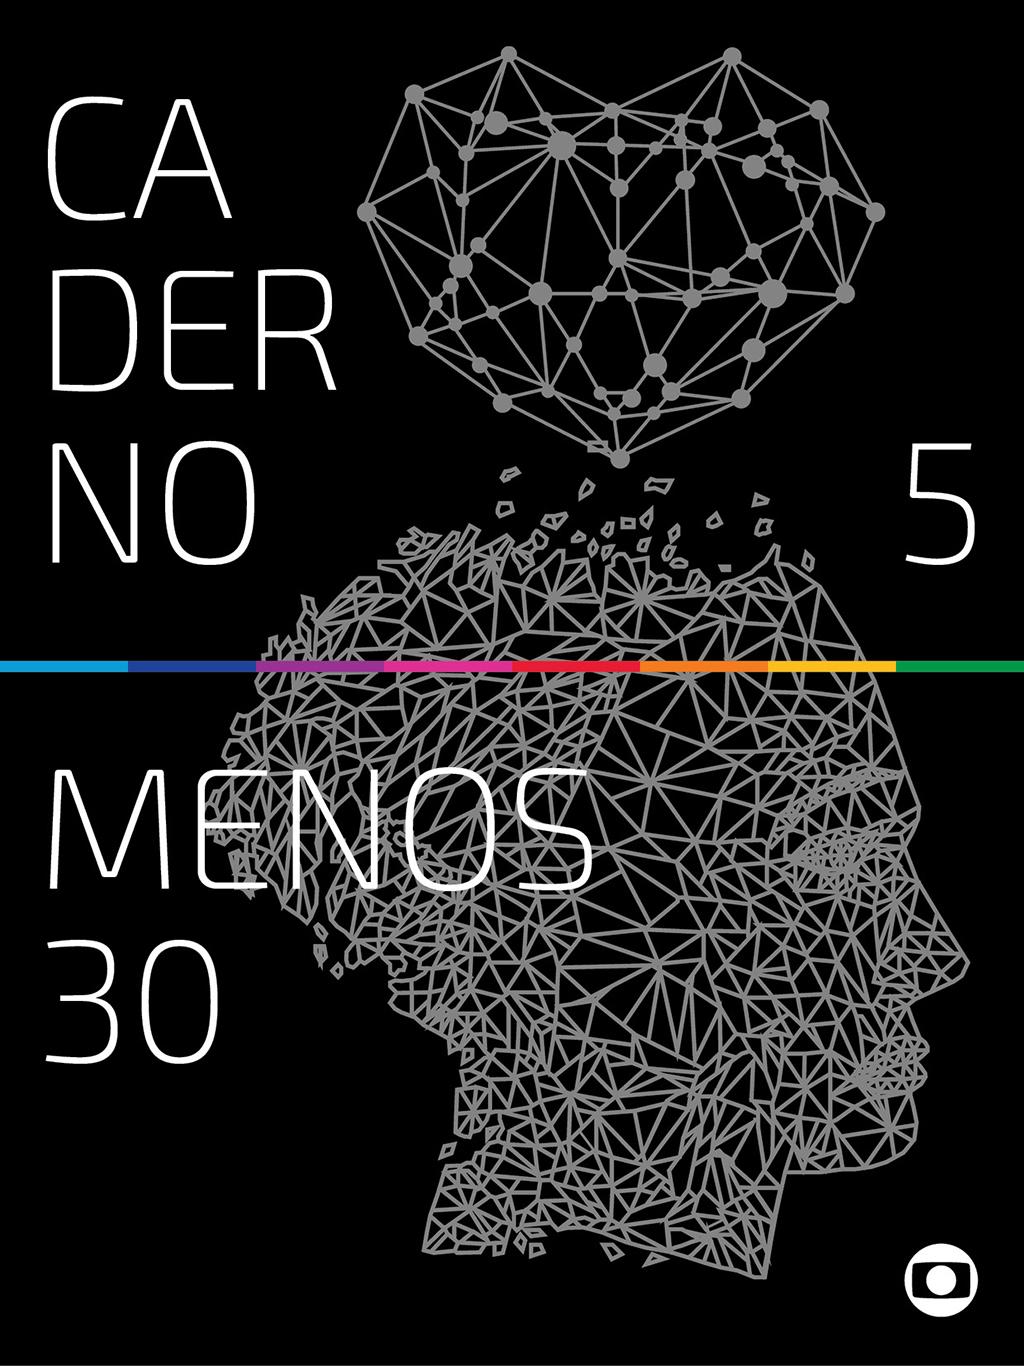 MENOS 30